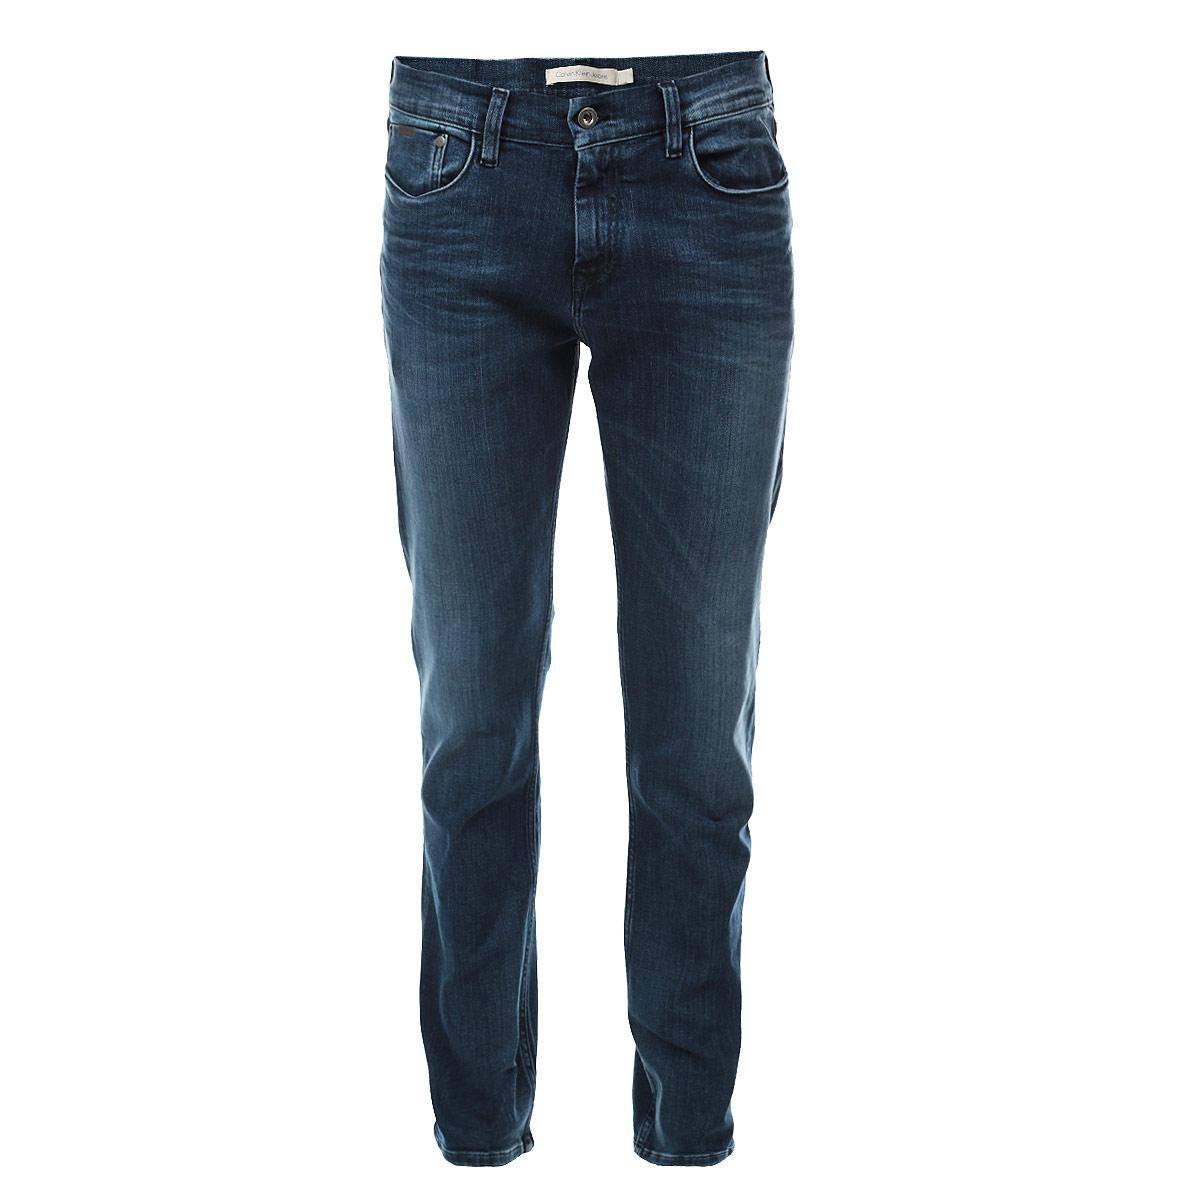 Джинсы мужские. J3EJ301642J3EJ301642Стильные мужские джинсы Calvin Klein Jeans - джинсы высочайшего качества на каждый день, которые прекрасно сидят. Модель зауженного кроя и средней посадки изготовлена из высококачественного материала. Изделие оформлено тертым эффектом и перманентными складками. Застегиваются джинсы на пуговицу в поясе и ширинку на застежке-молнии, имеются шлевки для ремня. Спереди модель оформлены двумя втачными карманами и одним небольшим секретным кармашком, а сзади - двумя накладными карманами. Эти модные и в тоже время комфортные джинсы послужат отличным дополнением к вашему гардеробу. В них вы всегда будете чувствовать себя уютно и комфортно.